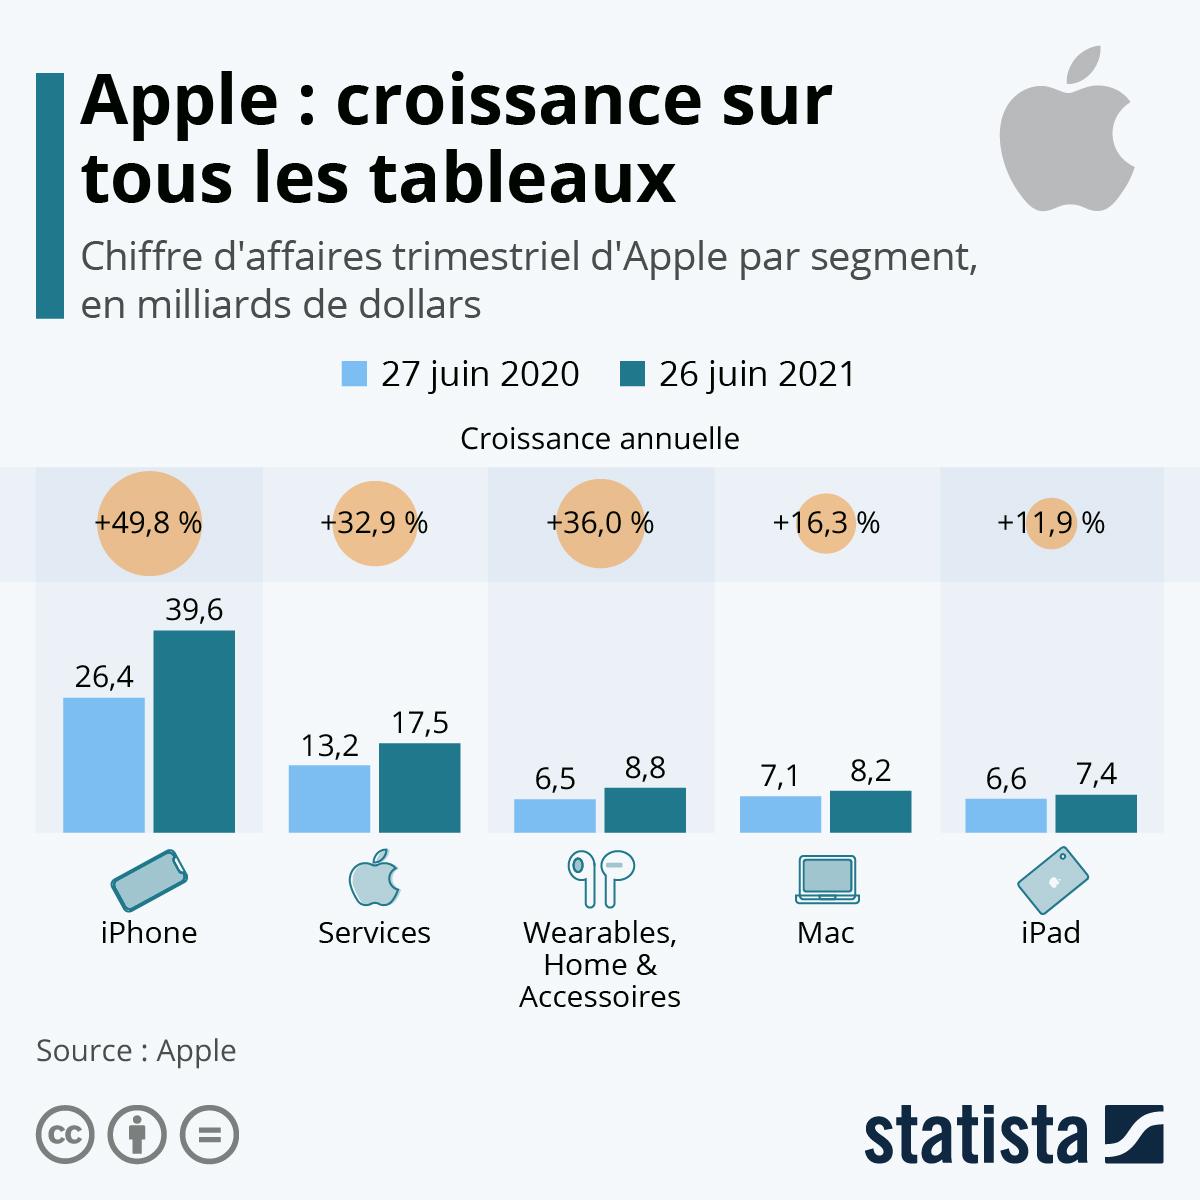 Infographie: Apple : croissance sur tous les tableaux | Statista